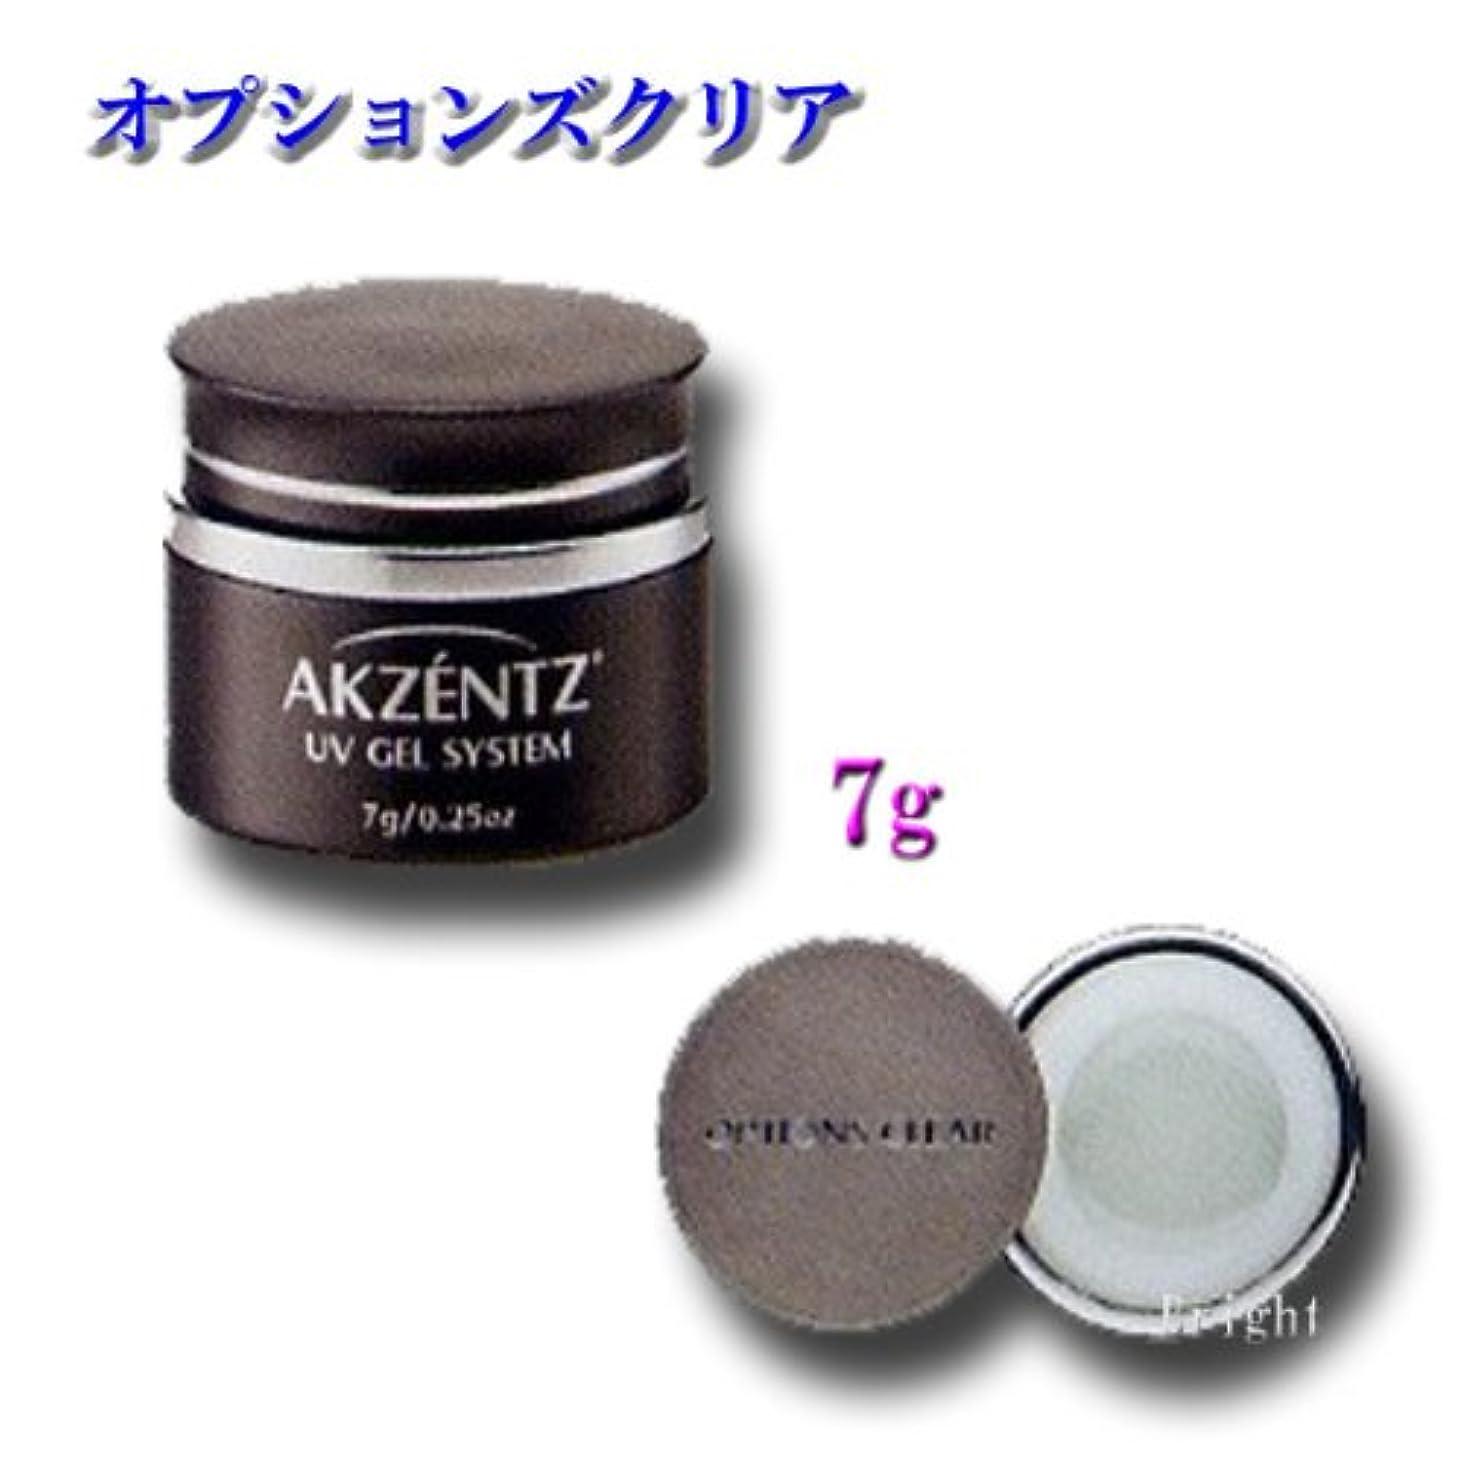 積極的に印刷するにアクセンツ(AKZENTZ) オプションズ クリア 7g